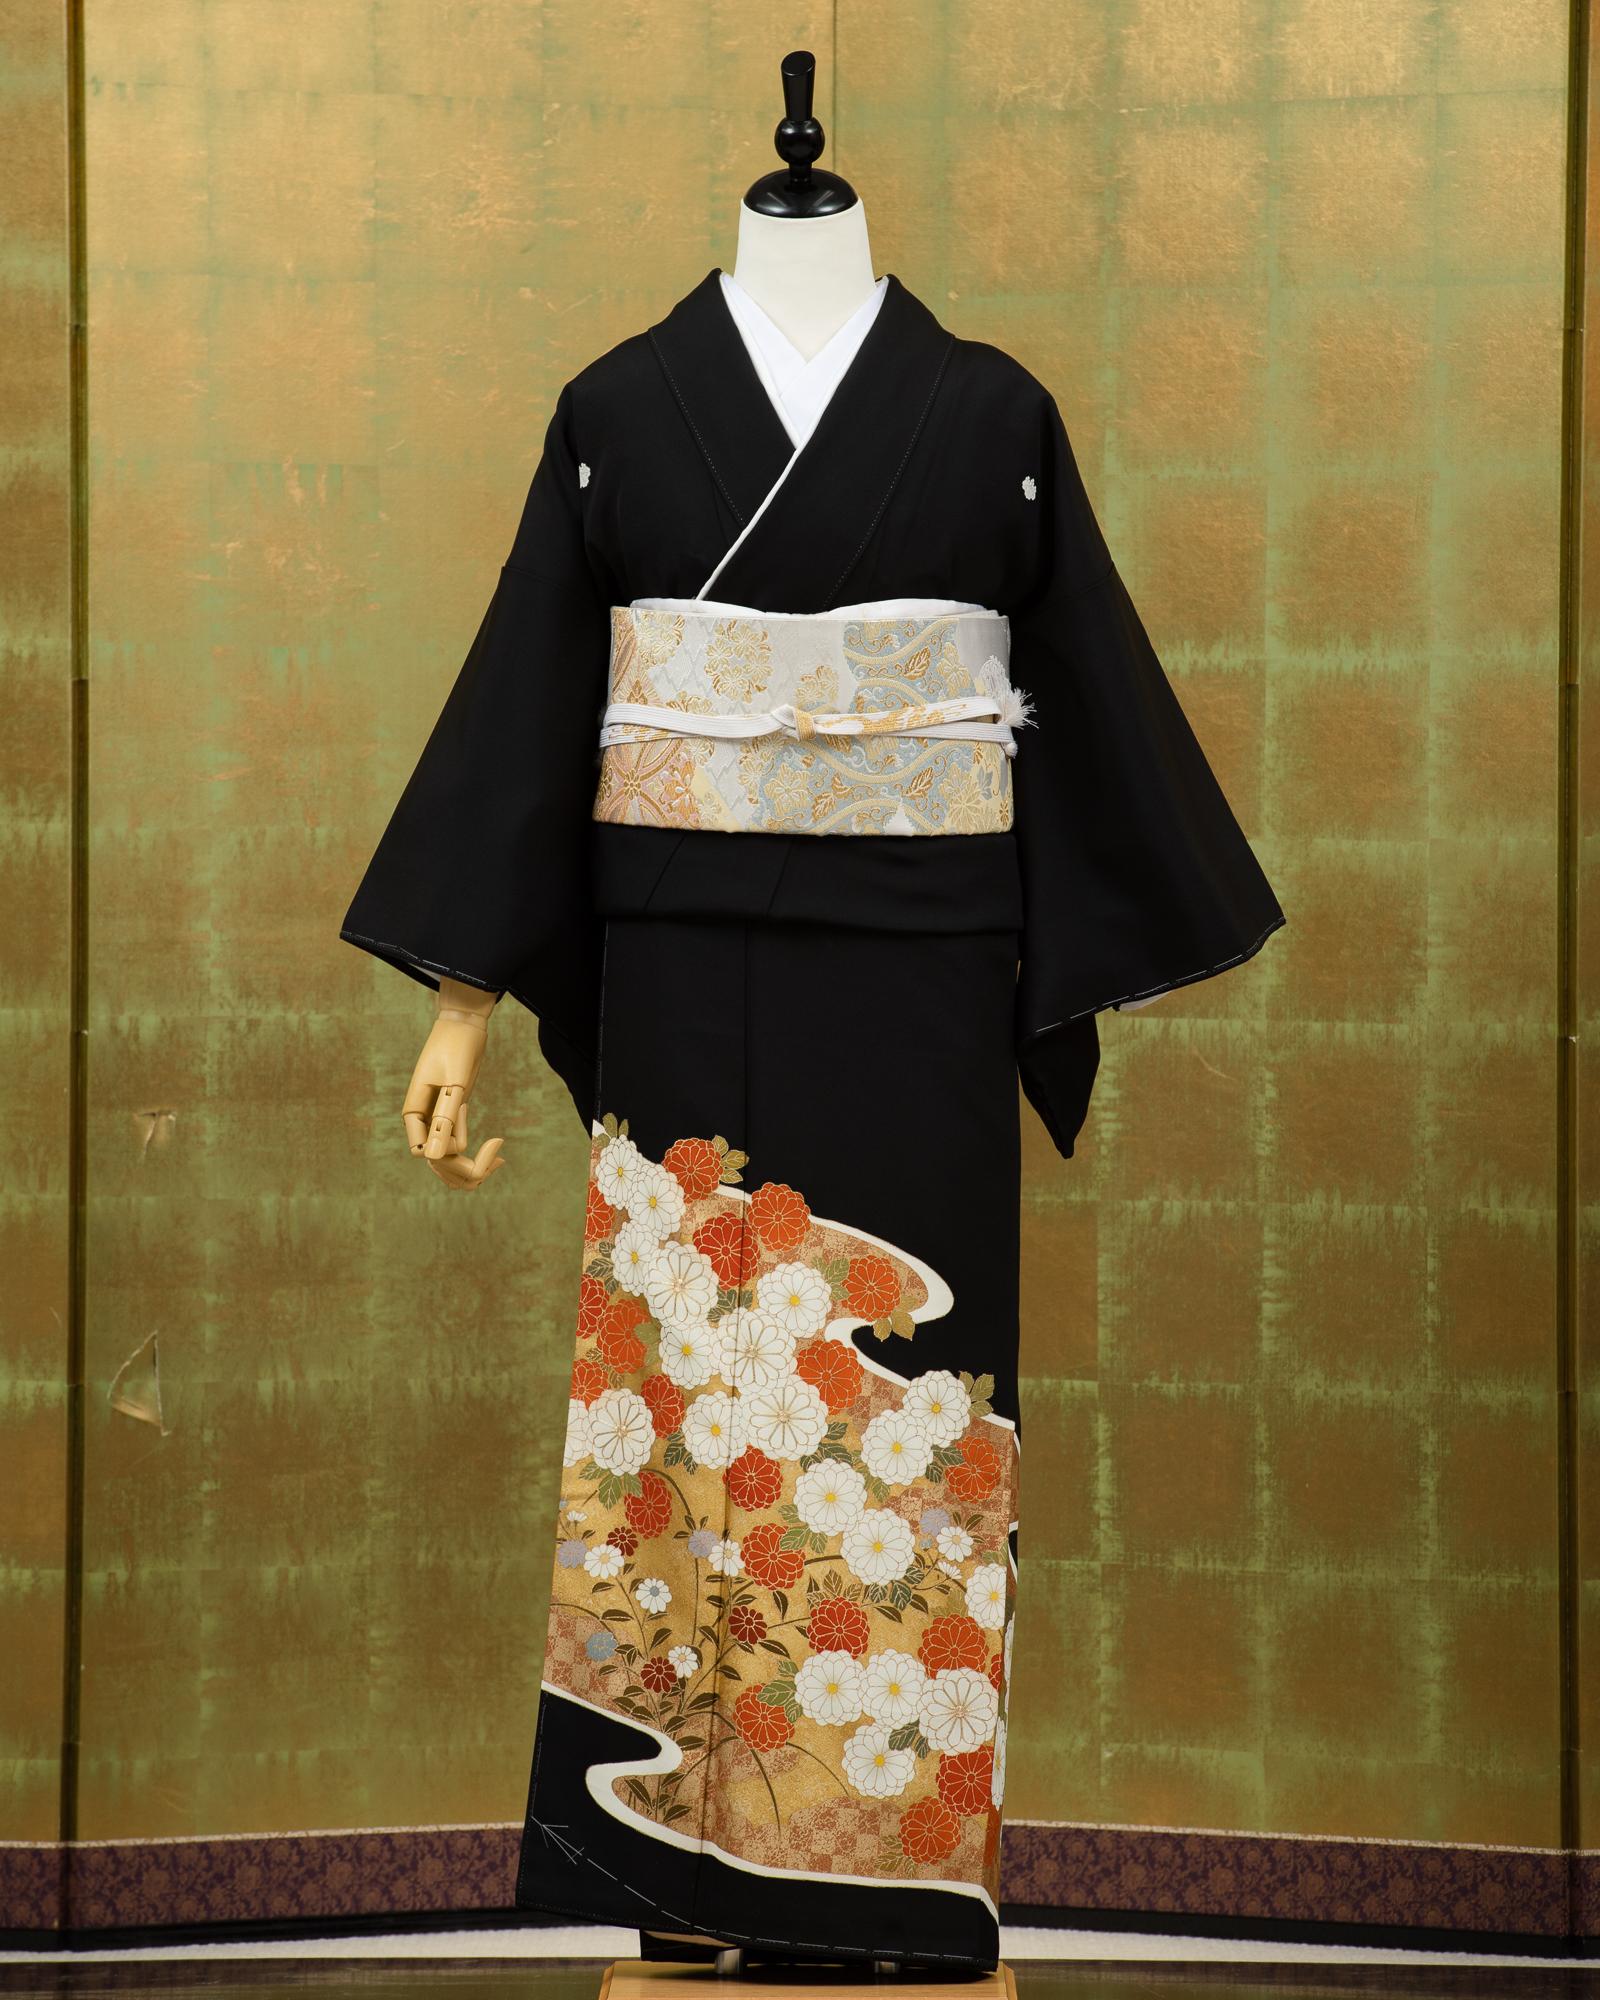 【高級黒留袖レンタル】t-223 金に菊柄 Sサイズのフルセットレンタル